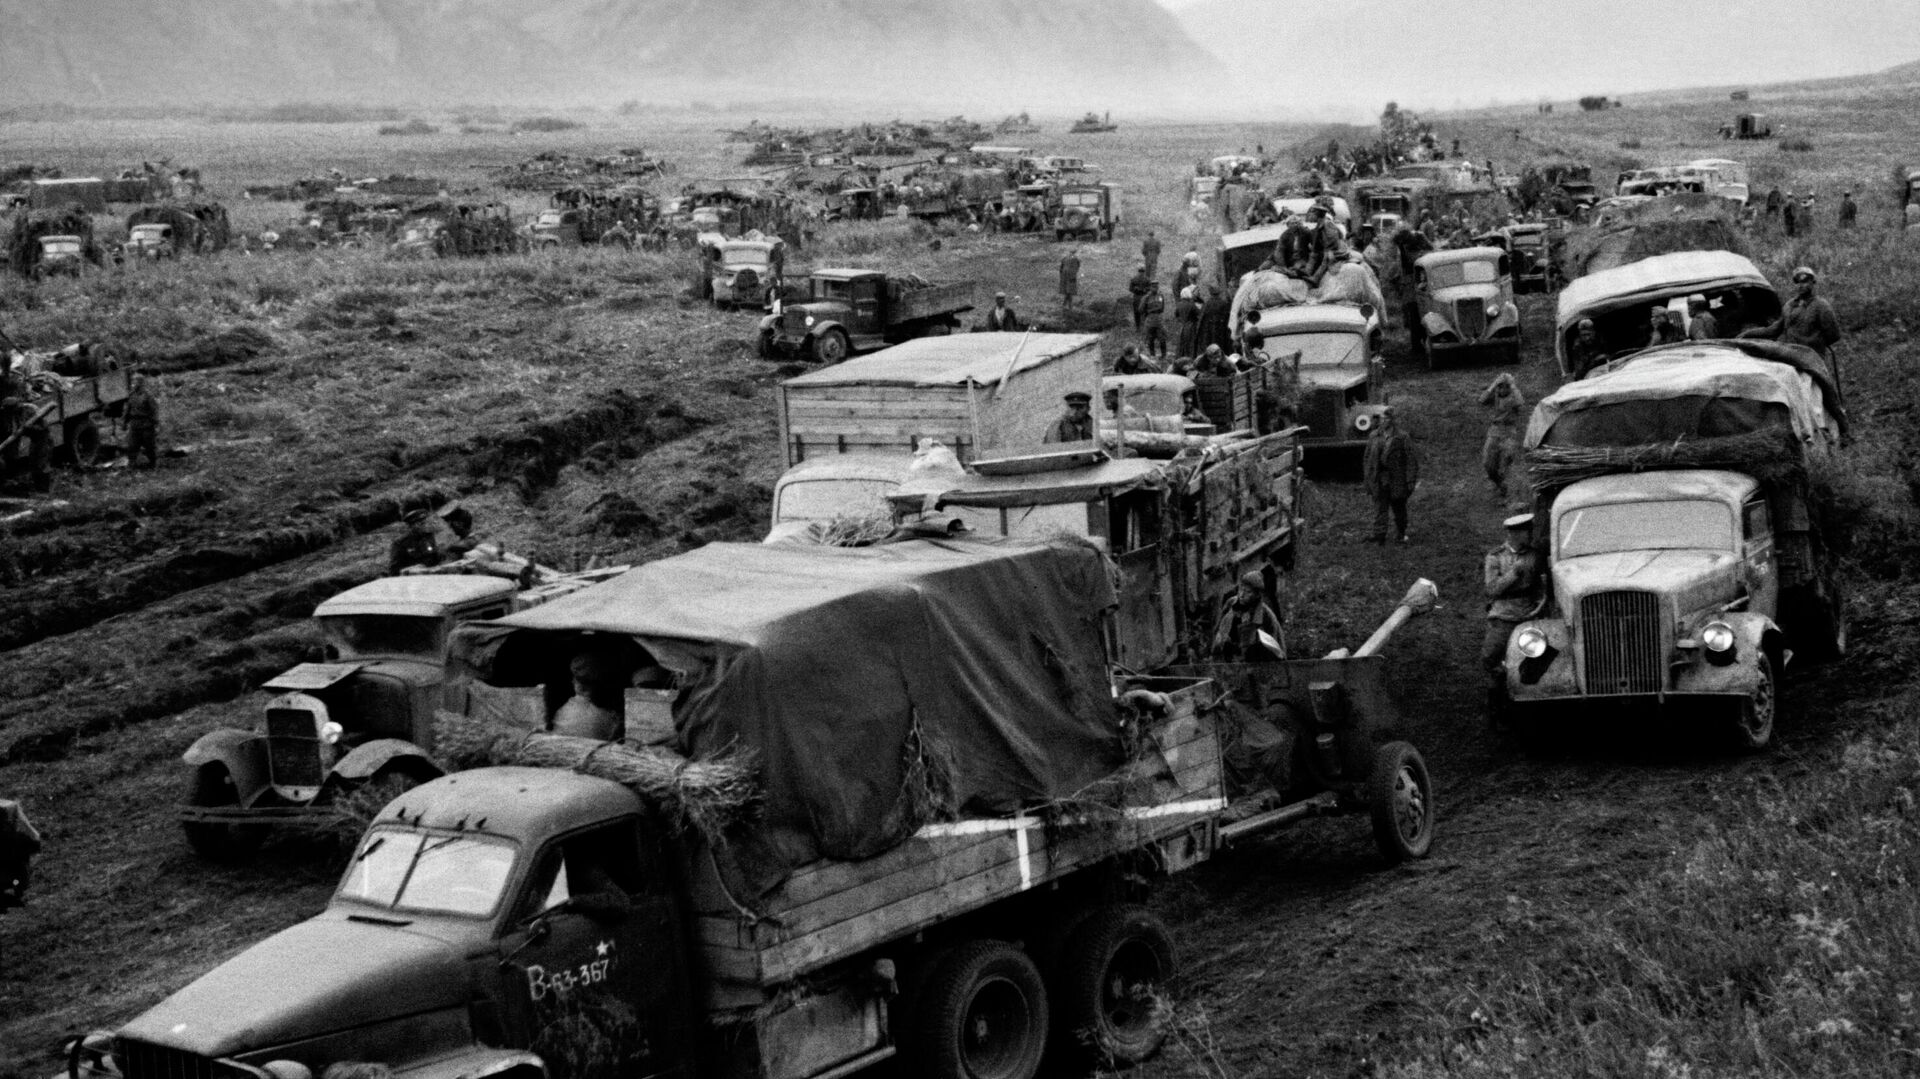 Эксперт рассказал, как Япония вела бактериологическую войну на границе СССР